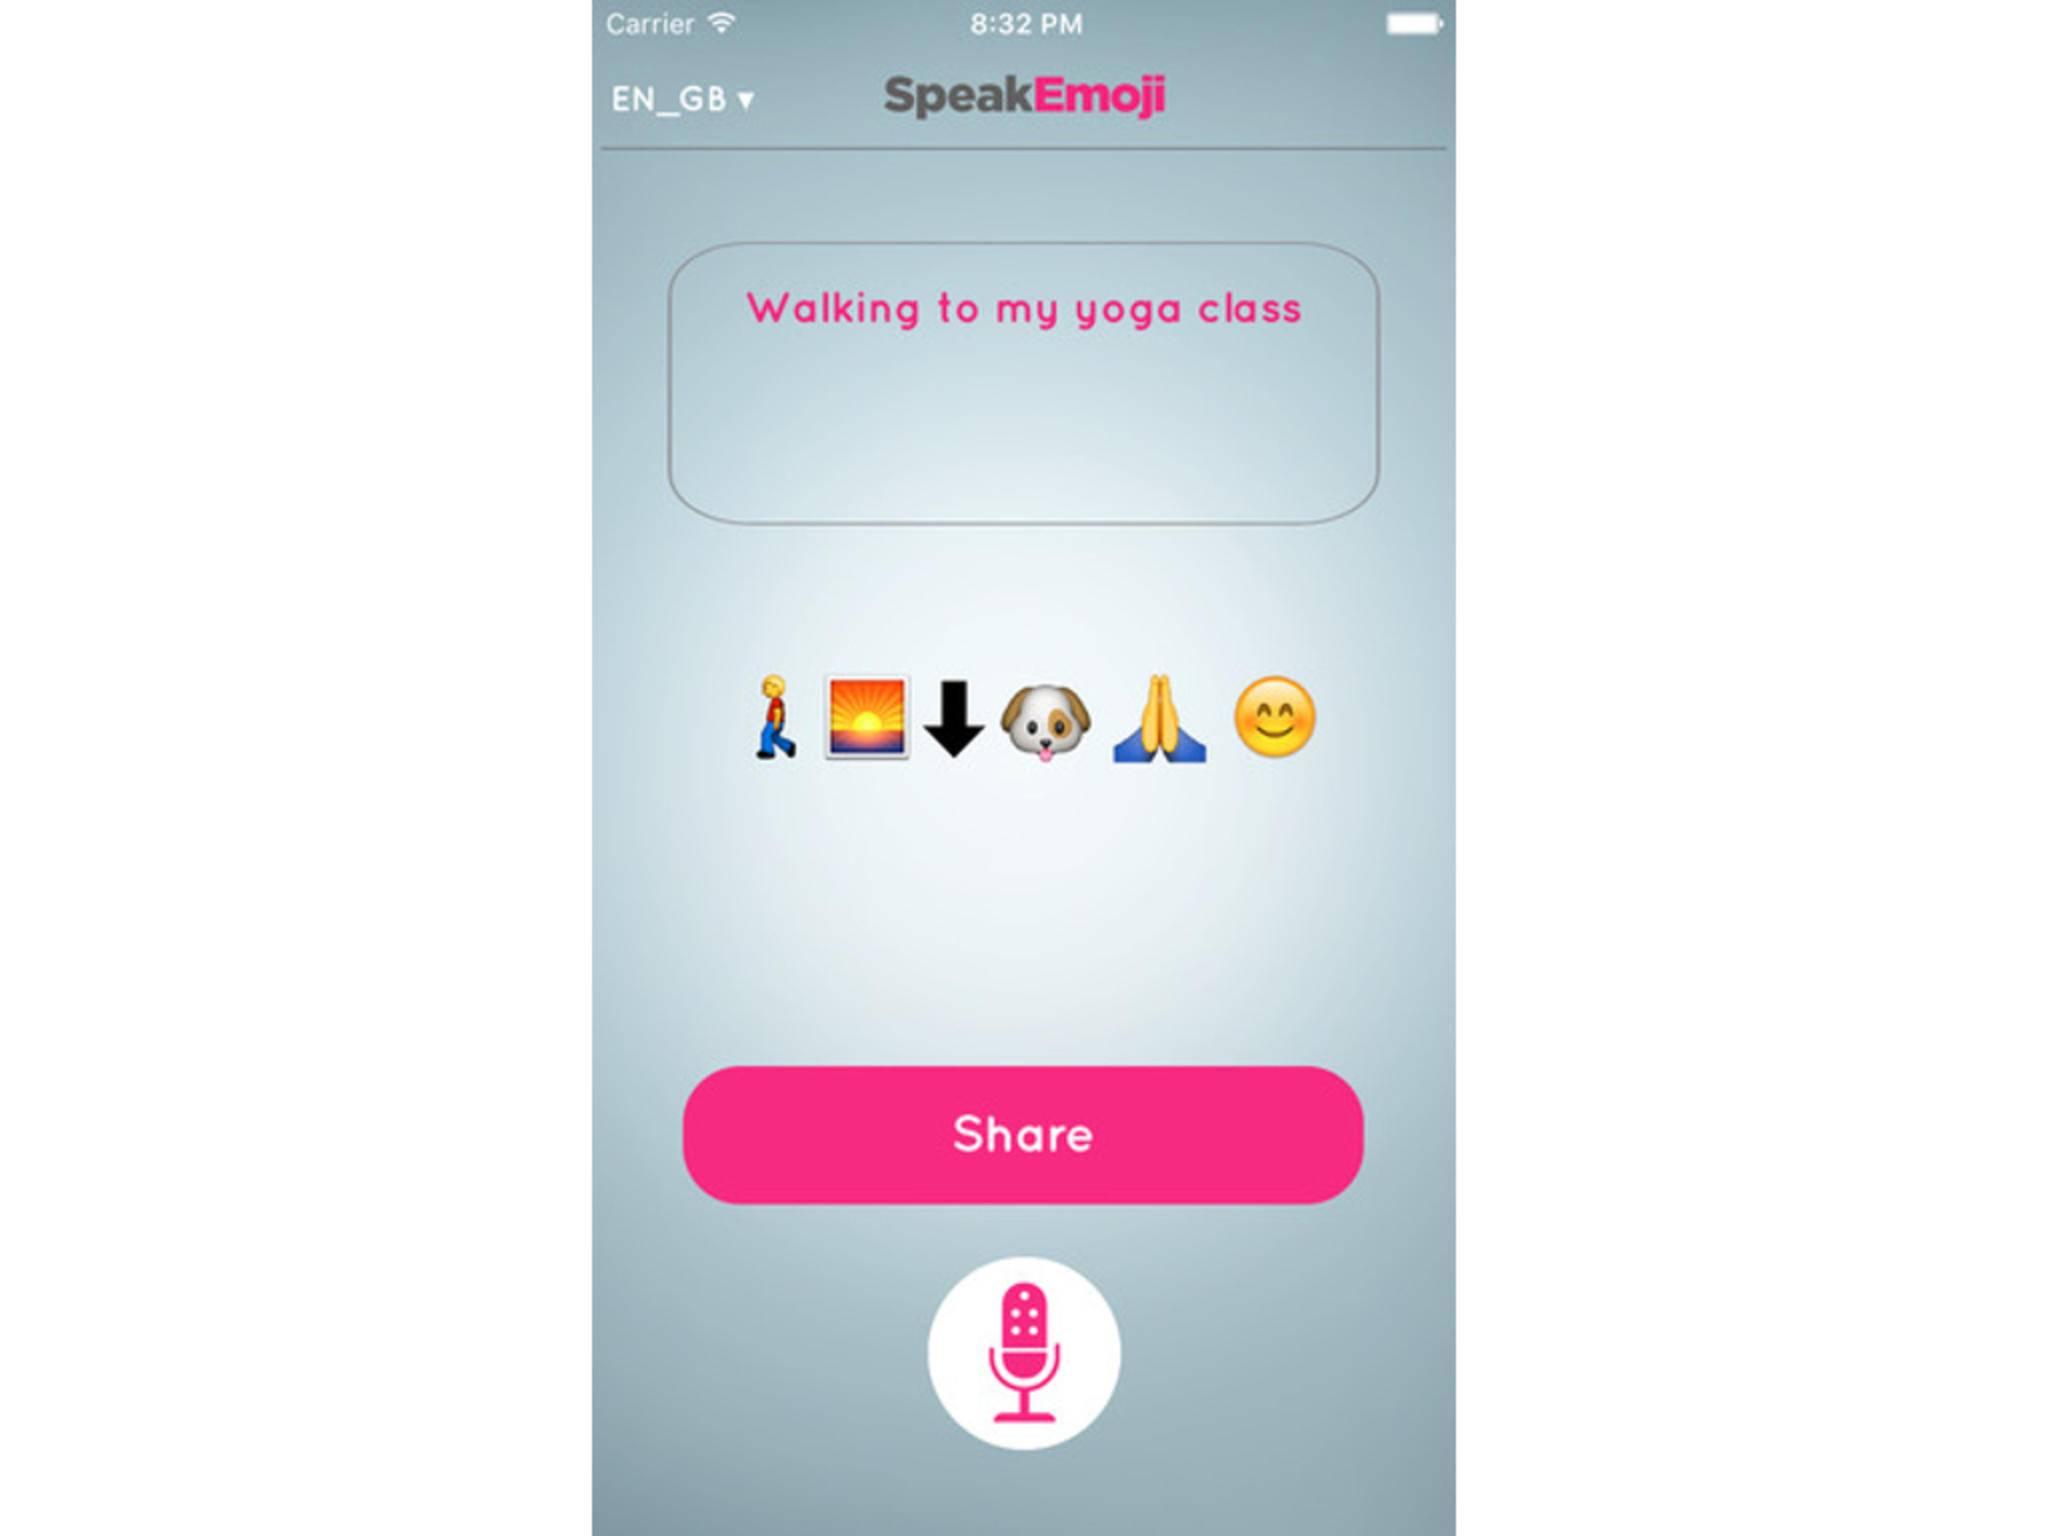 Eine neue App übersetzt gesprochene Wörter in Emojis.